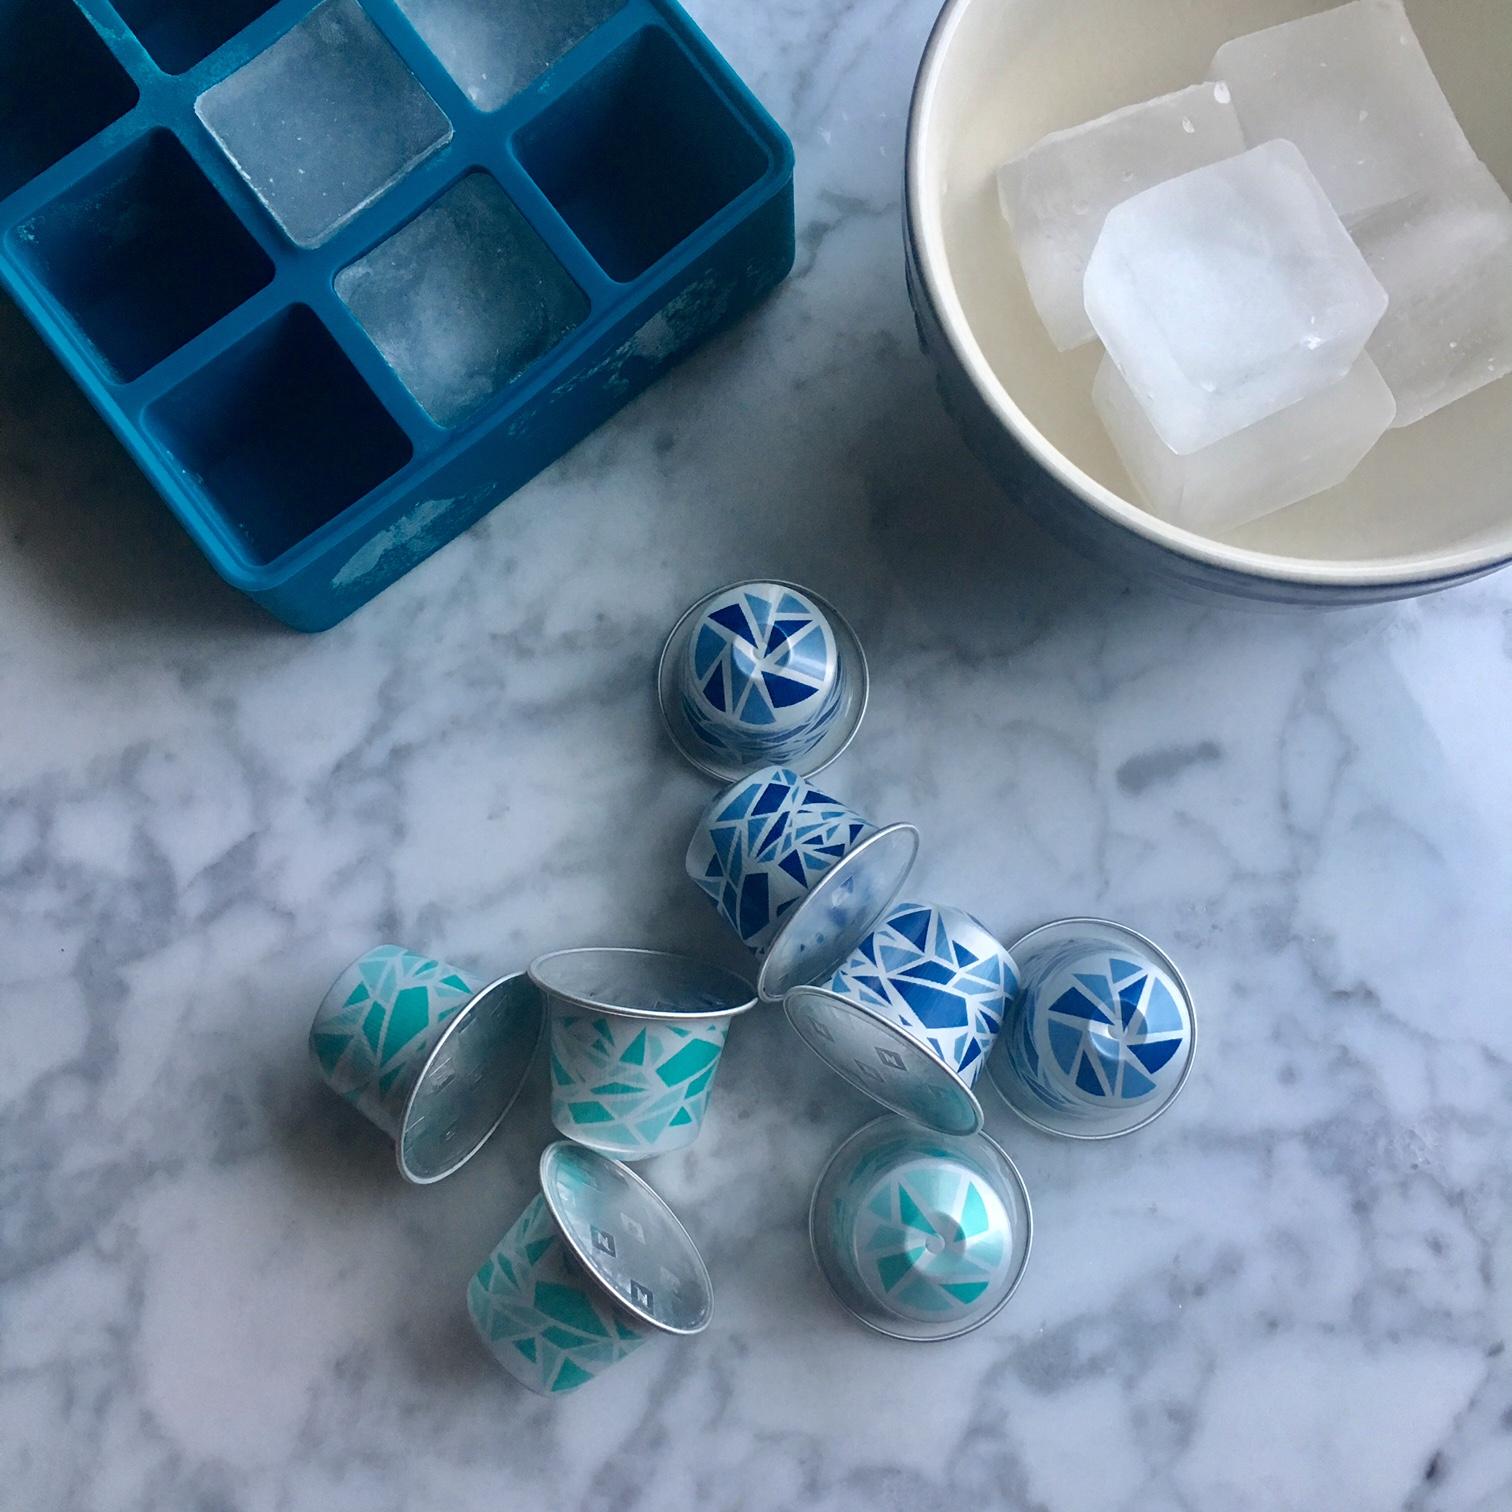 Viên nén cà phê Nespresso LEGGERO ON ICE giúp bạn khởi đầu một ngày mới đầy năng động và sáng tạo.